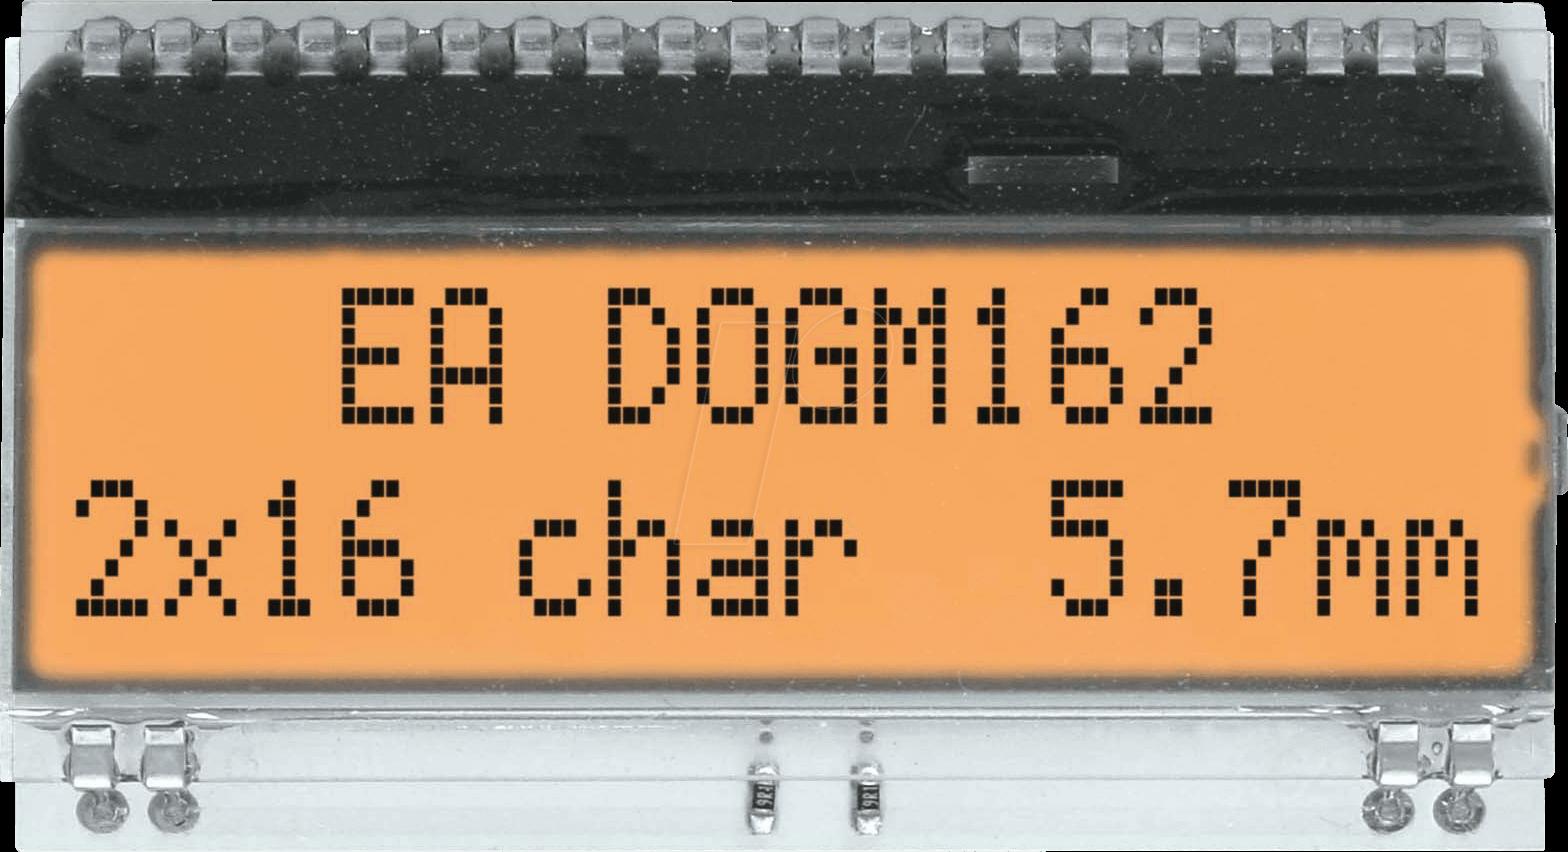 https://cdn-reichelt.de/bilder/web/xxl_ws/A500/DOGM162W-A.png